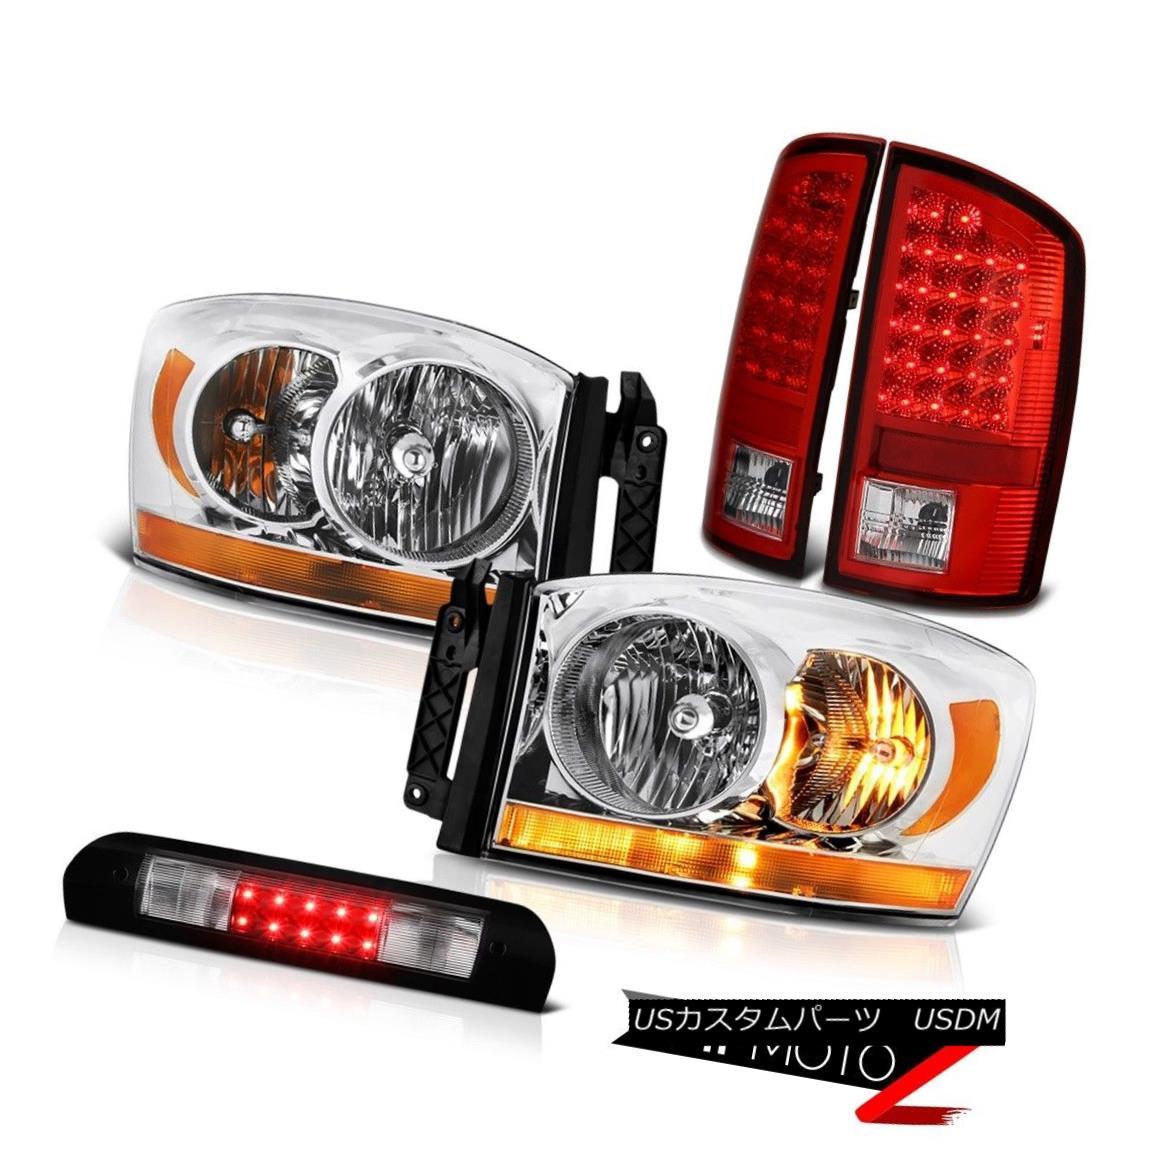 ヘッドライト 07-08 Dodge Ram 1500 4.7L Headlamps Infinity Black Third Brake Lamp Rear Lights 07-08ダッジラム1500 4.7Lヘッドランプインフィニティブラック第3ブレーキランプリアライト